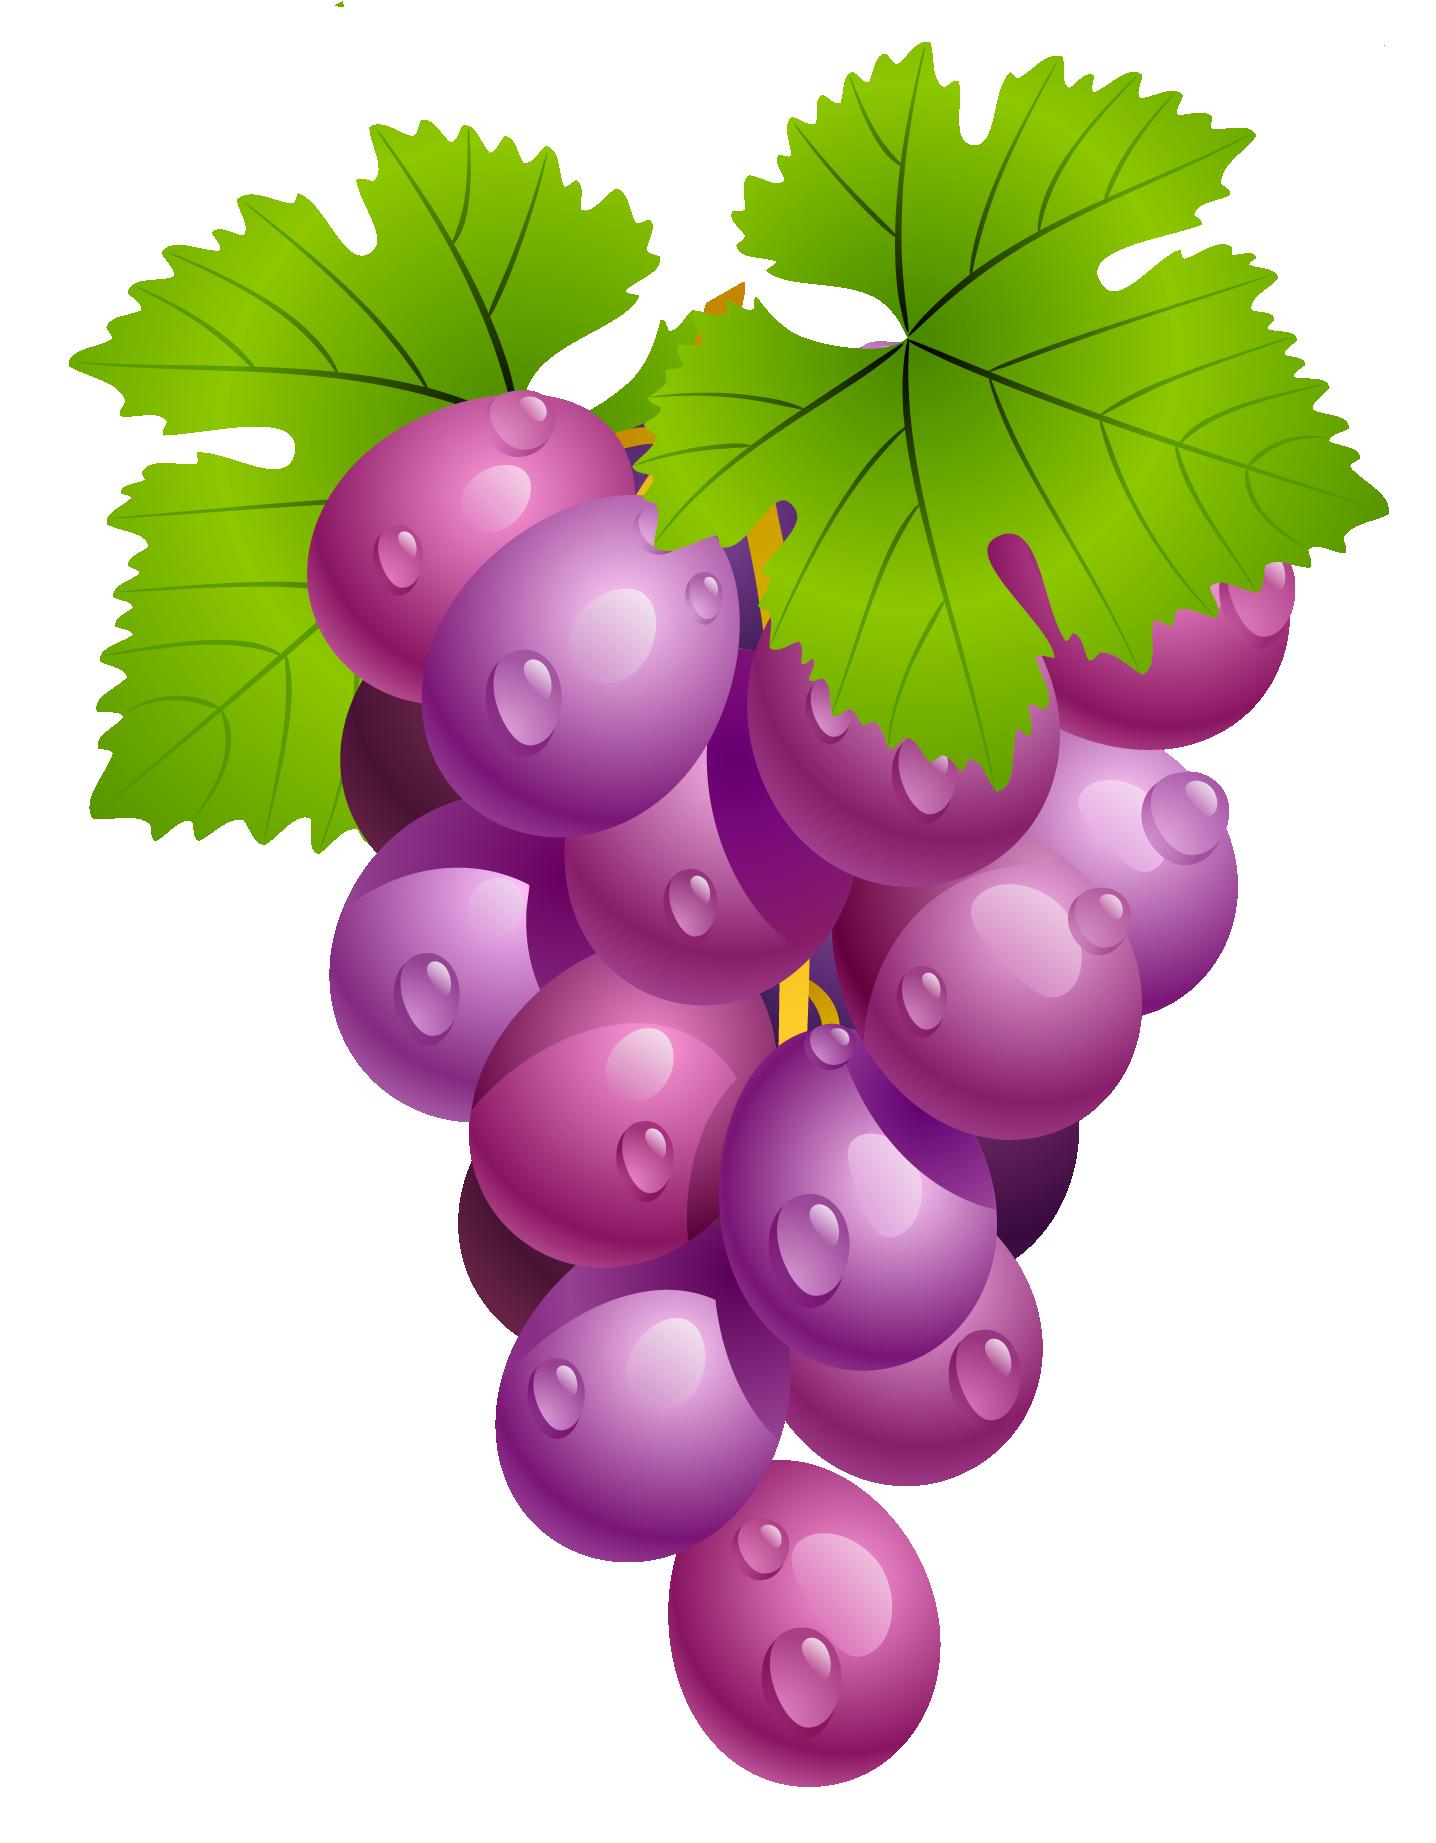 Free grapes clipart preschool ... 51b2fb-Free grapes clipart preschool ... 51b2fb508f2c5a92ede0eb80990ccb .-11